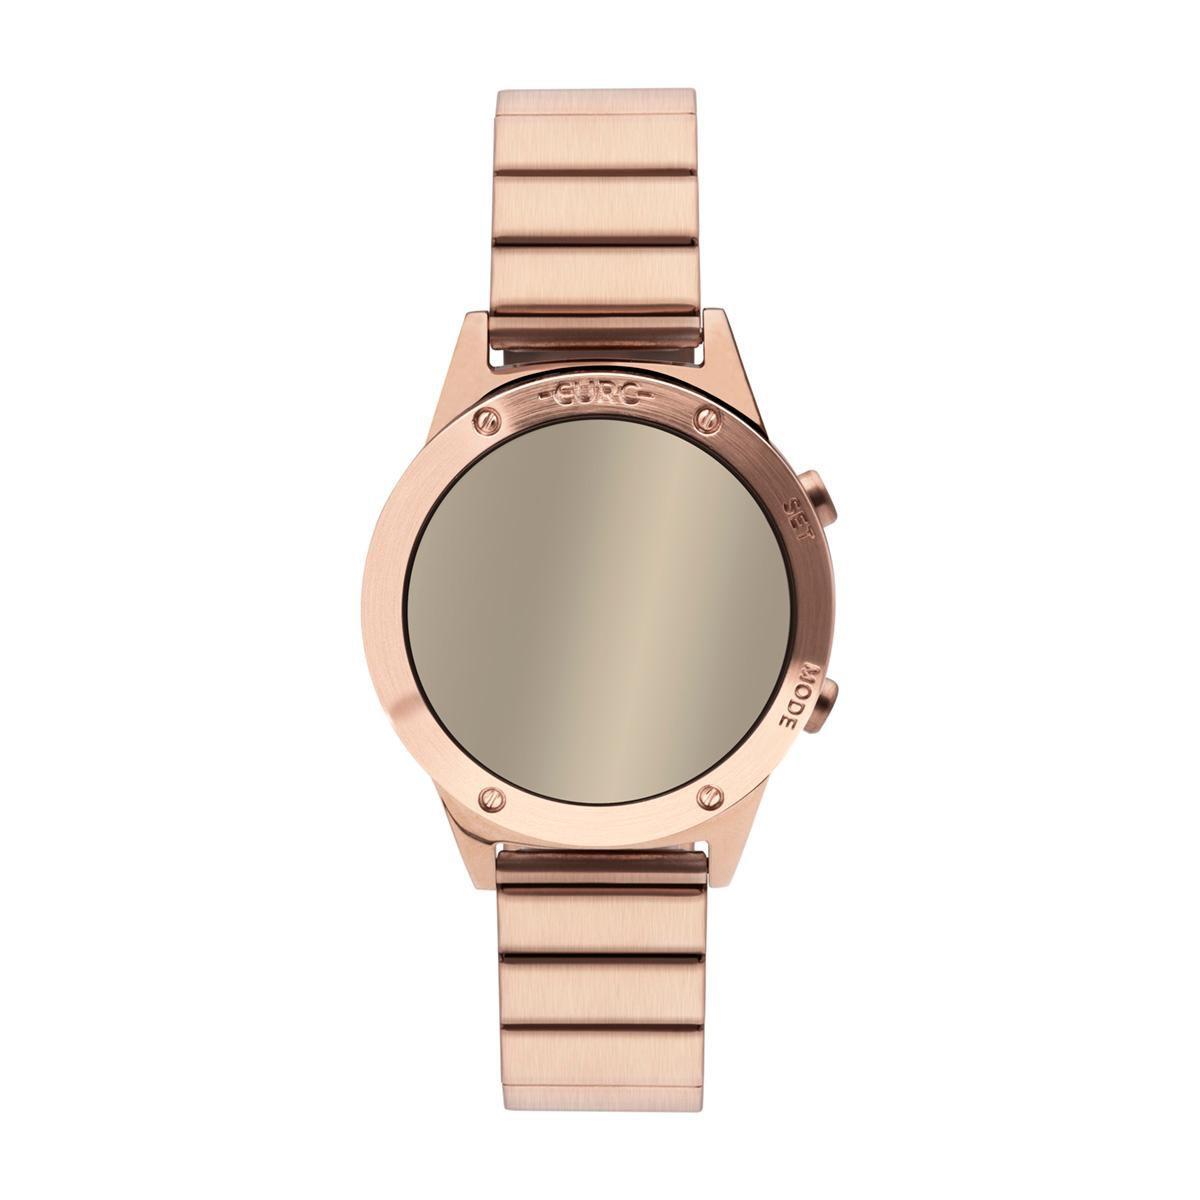 Relógio Feminino Euro Fashion Fit Reflexos EUJHS31BAC/4D 40mm Aço Rosé